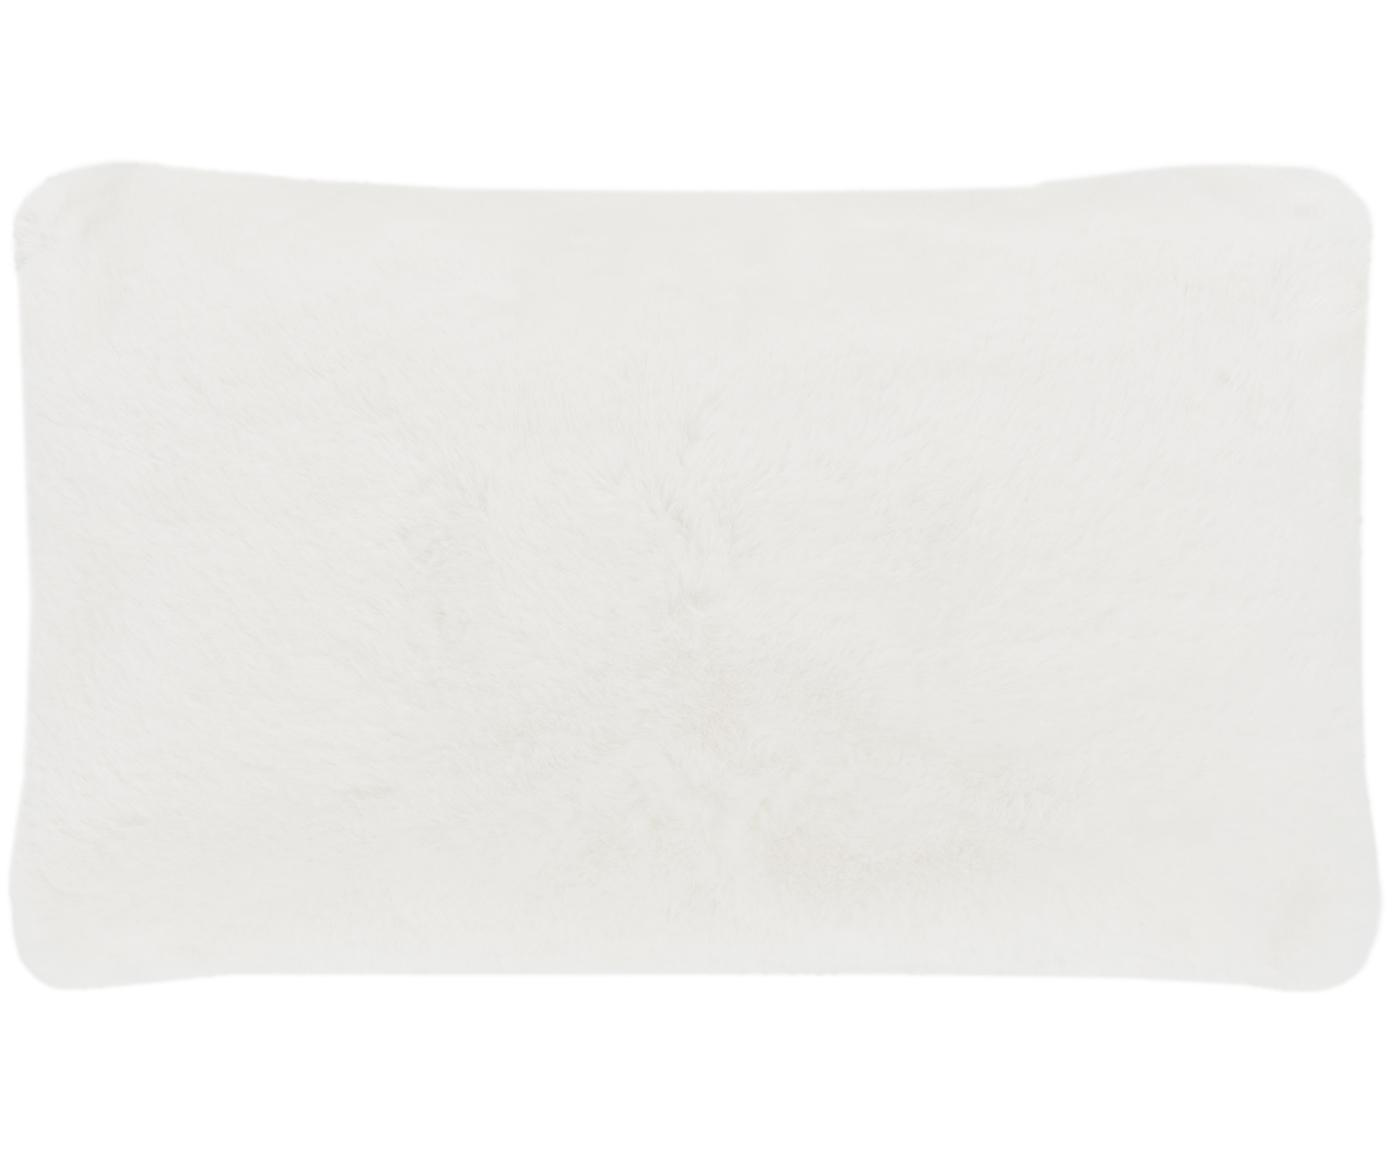 Funda de cojín de piel sintética Mette, Parte delantera: 100%poliéster, Parte trasera: 100%poliéster, Crema, An 30 x L 50 cm